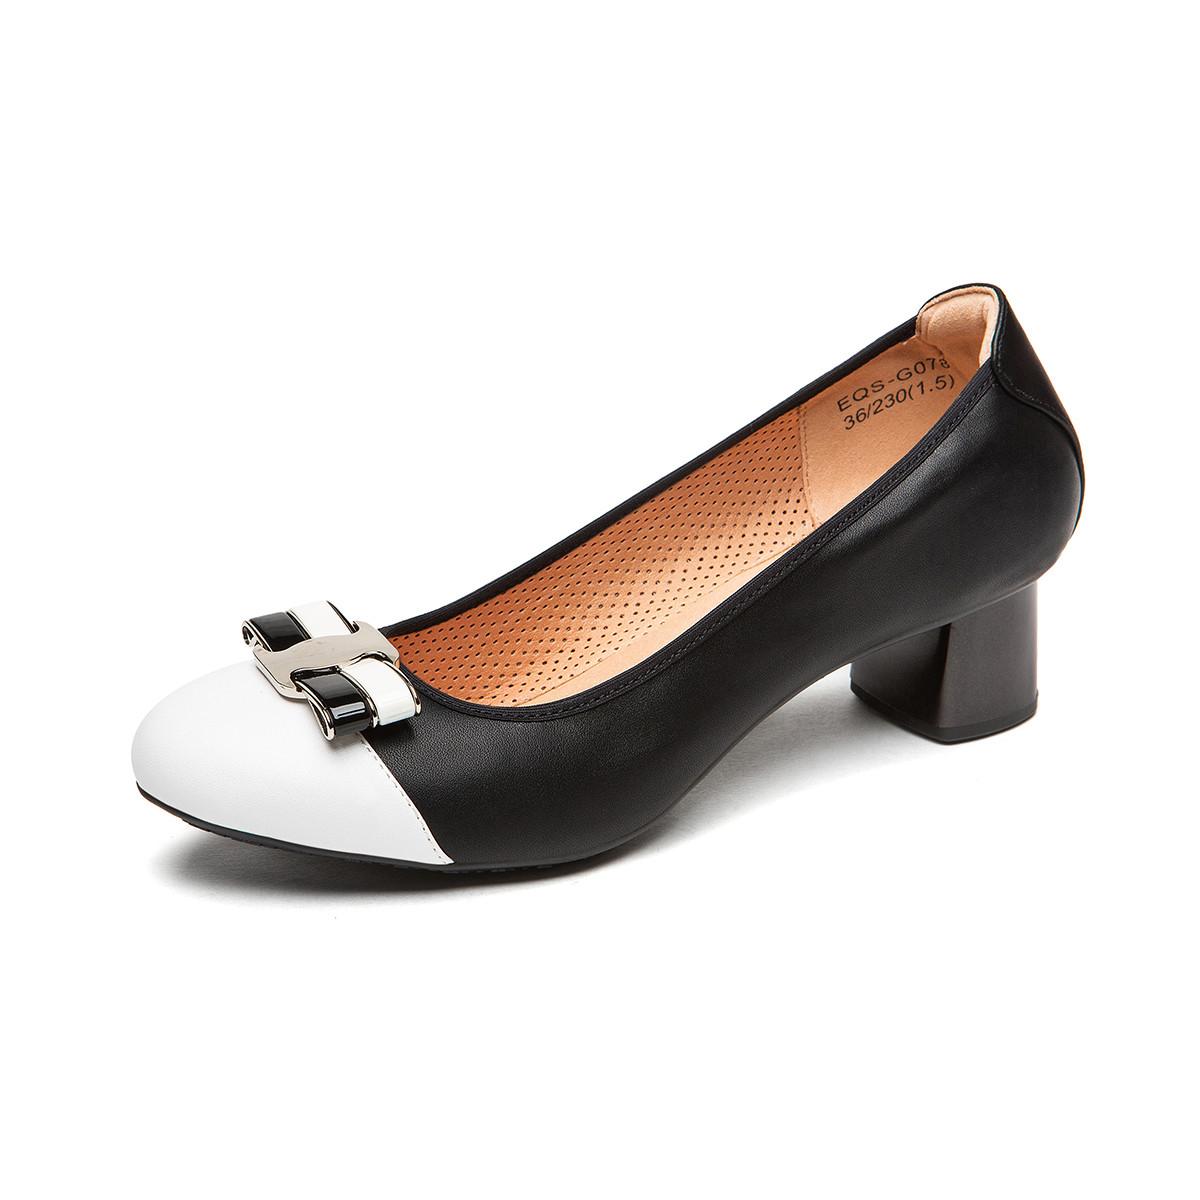 蛋卷鞋蛋卷鞋2019春季新款低跟圆头舒适职业工作单鞋蝴蝶结女鞋EQS-G078-100